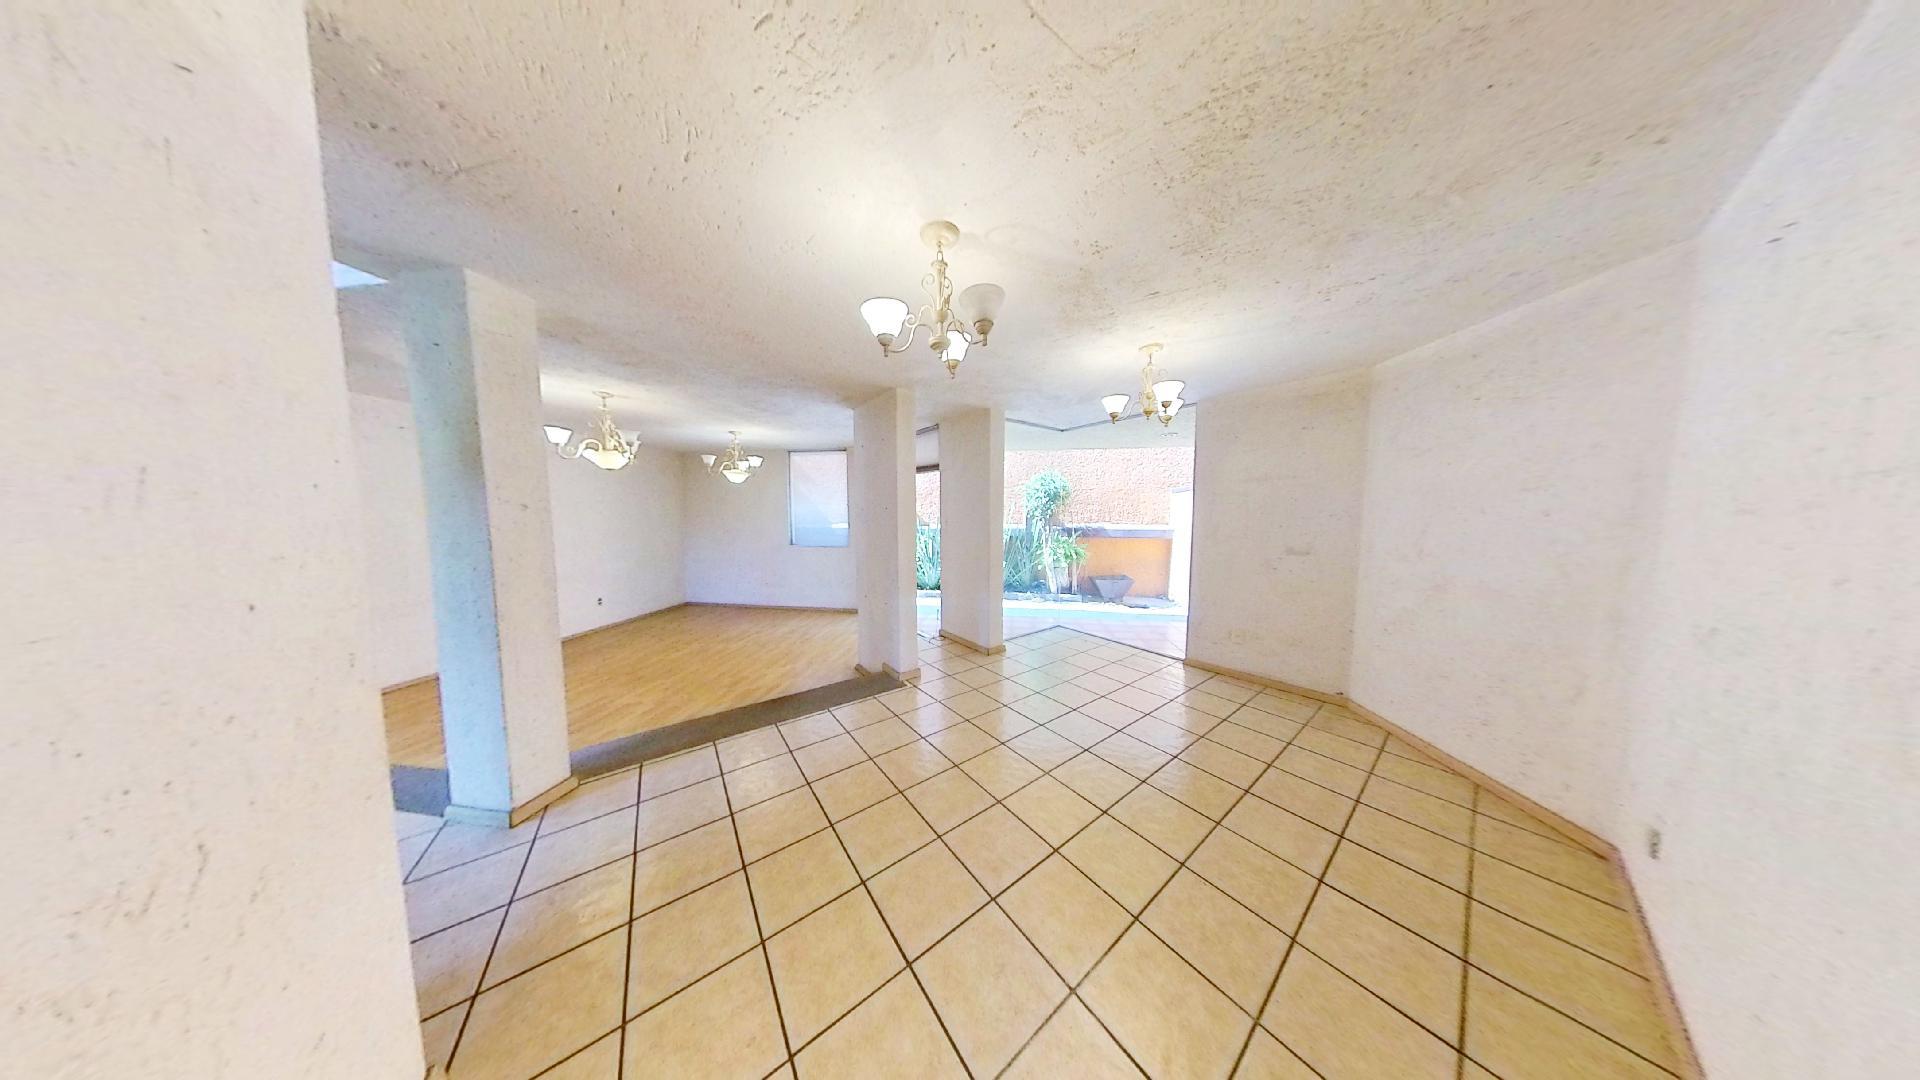 Casa en venta de 3 recámaras en Condominio Los Fresnos, Naucalpan de Juárez, entre Lomas Verdes y Jardines de San Mateo, EDOMEX. Comedor